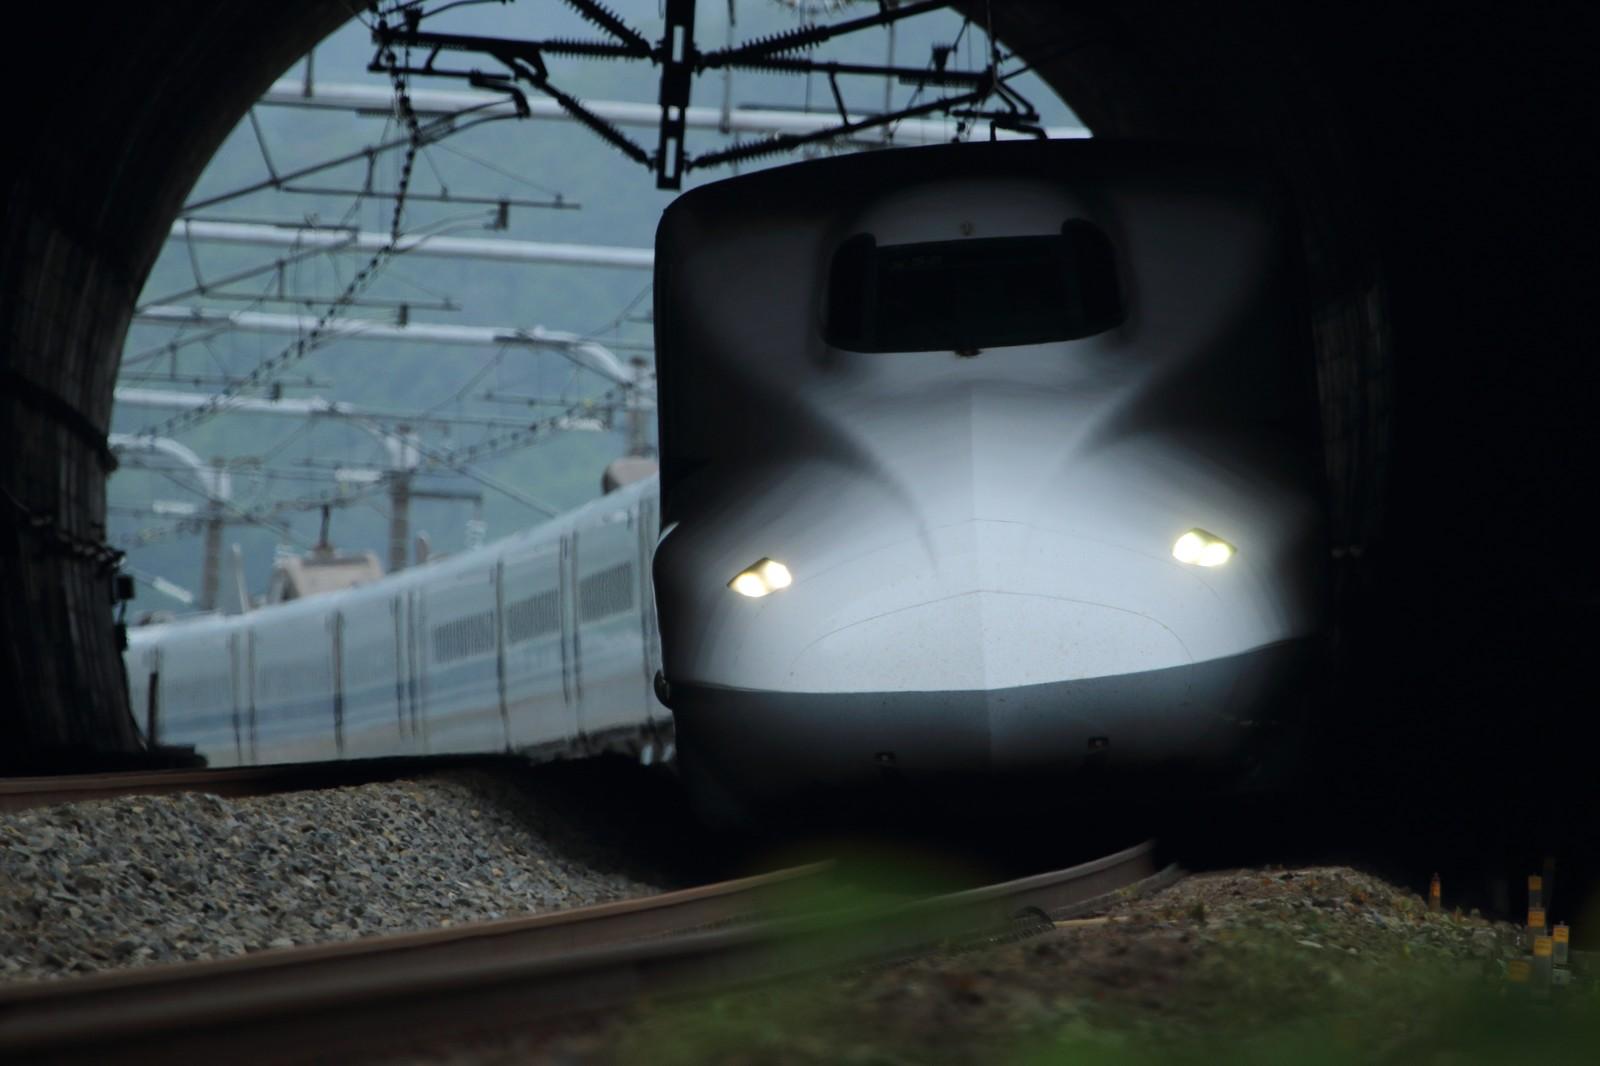 京都鉄道博物館のお土産人気TOP10!限定グッズやお菓子で鉄道ファン歓喜!